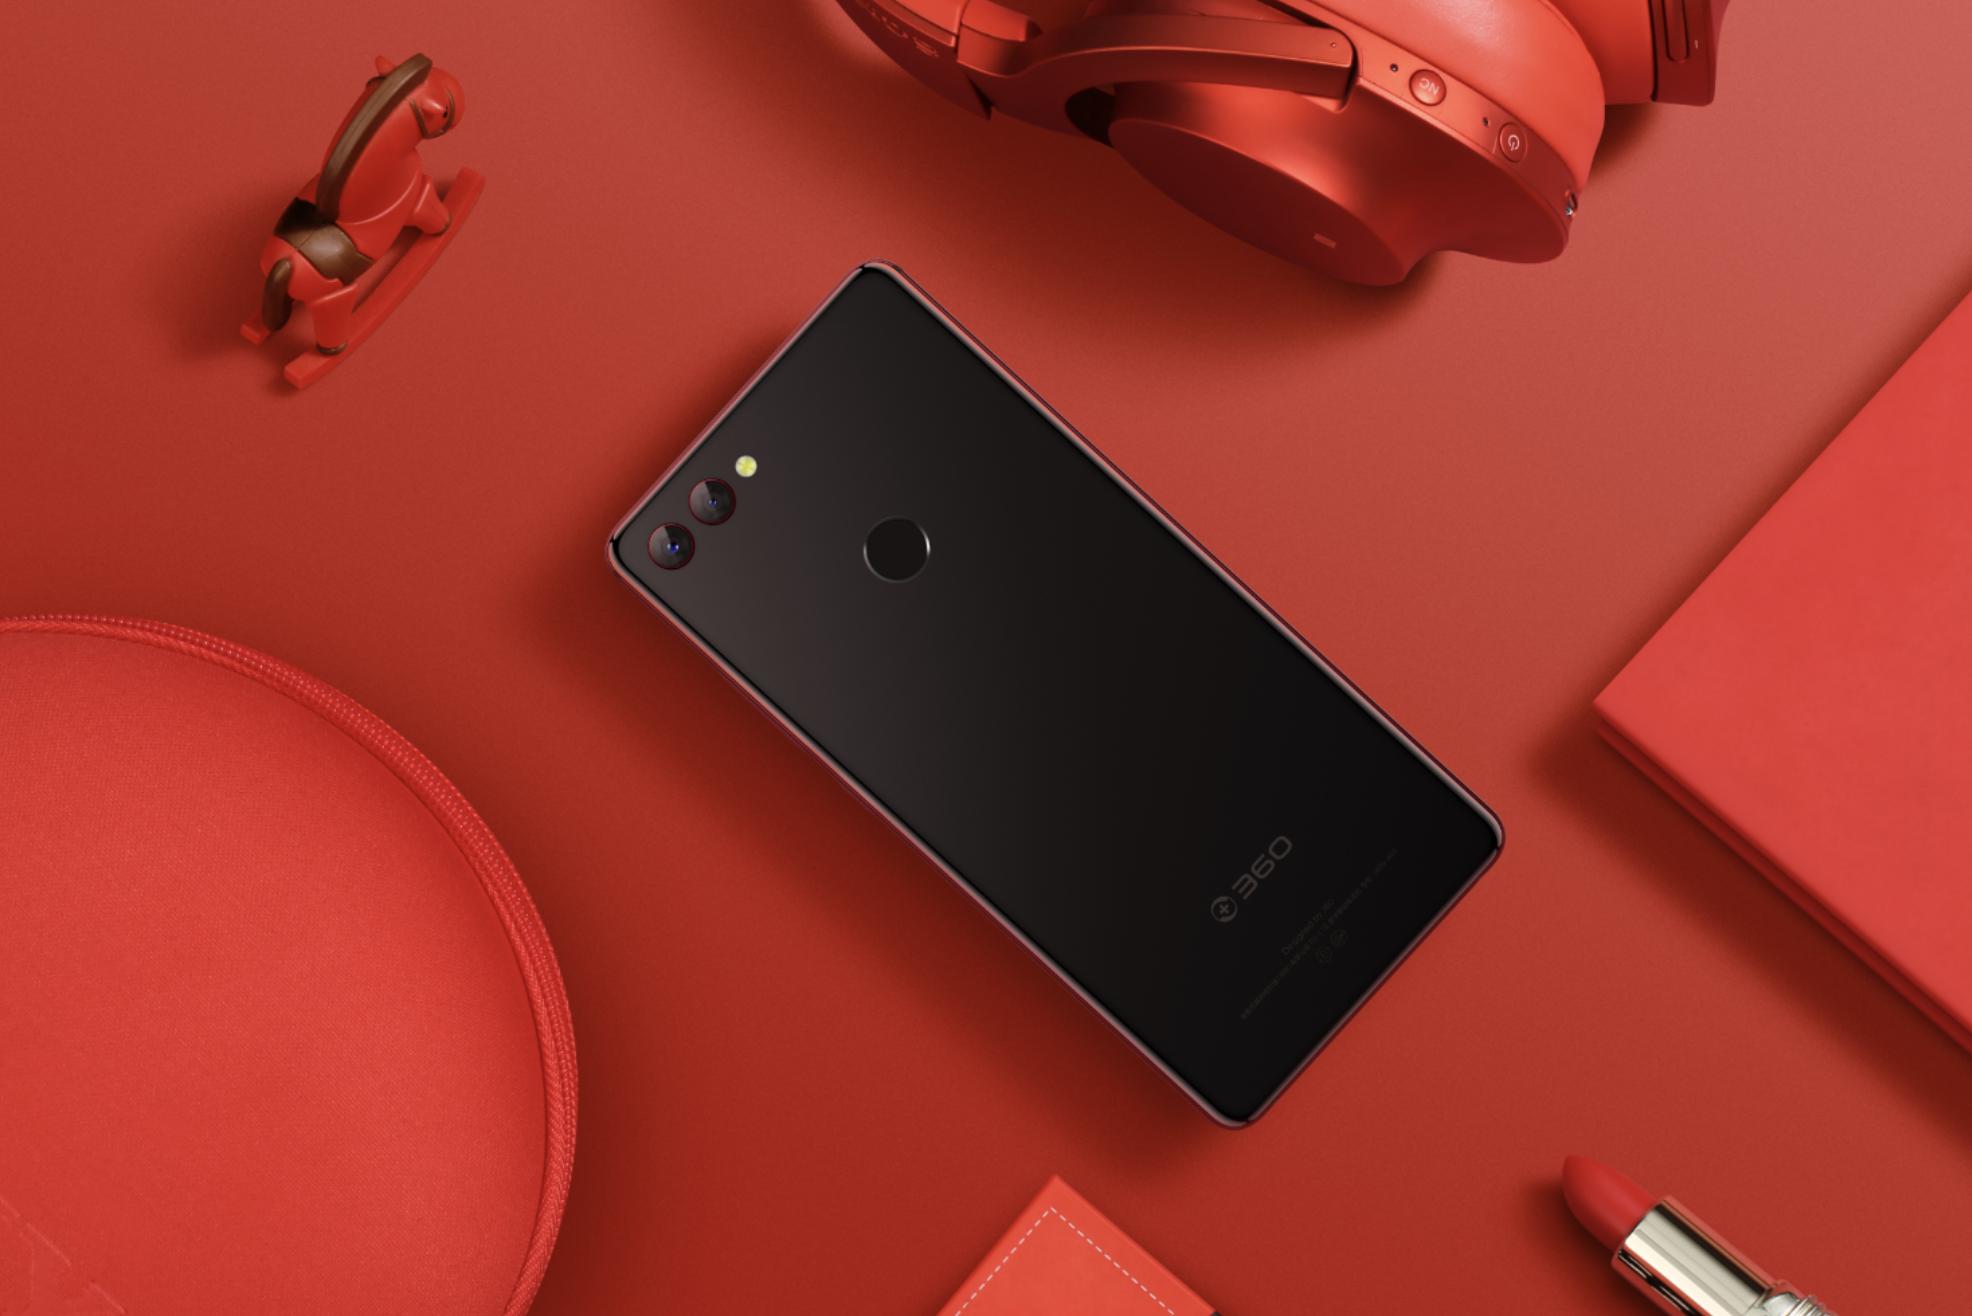 360手机N7 Pro正式发布 双玻璃金属设计颜值大提升